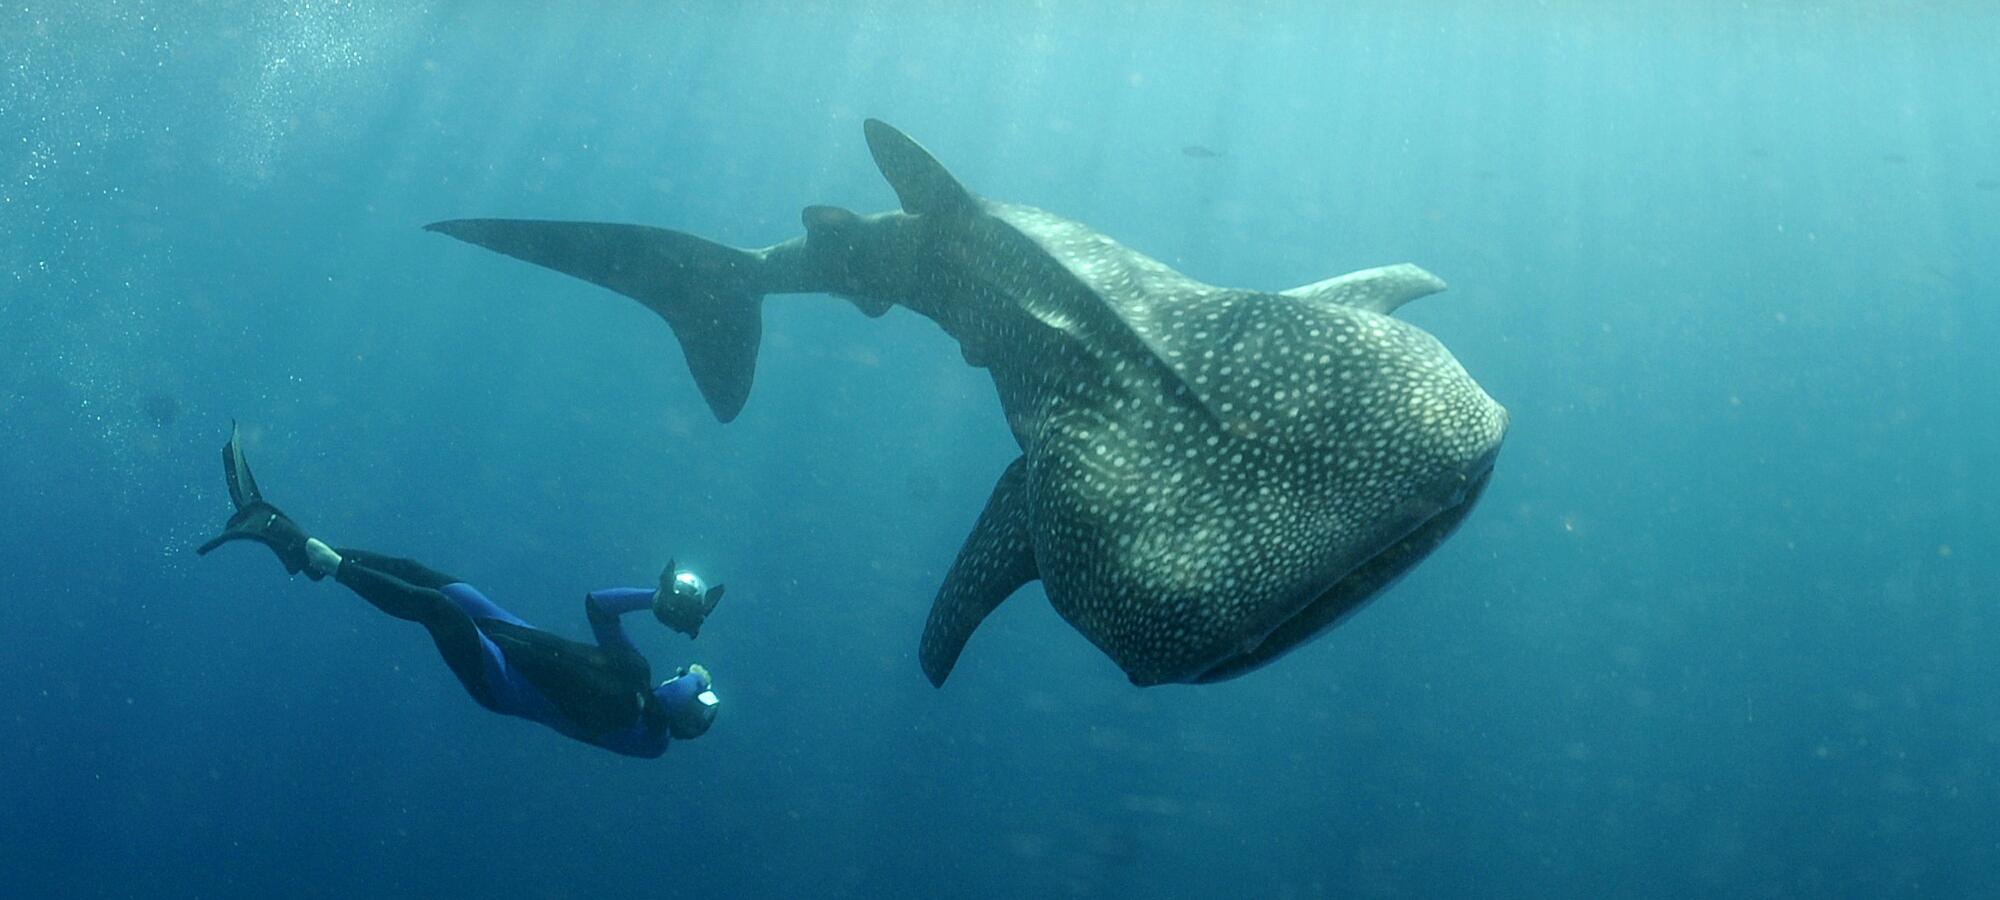 Husain Al Qallaf – Megaptera V2 - Pose d'une balise sur un requin-baleine grâce au crowdfunding